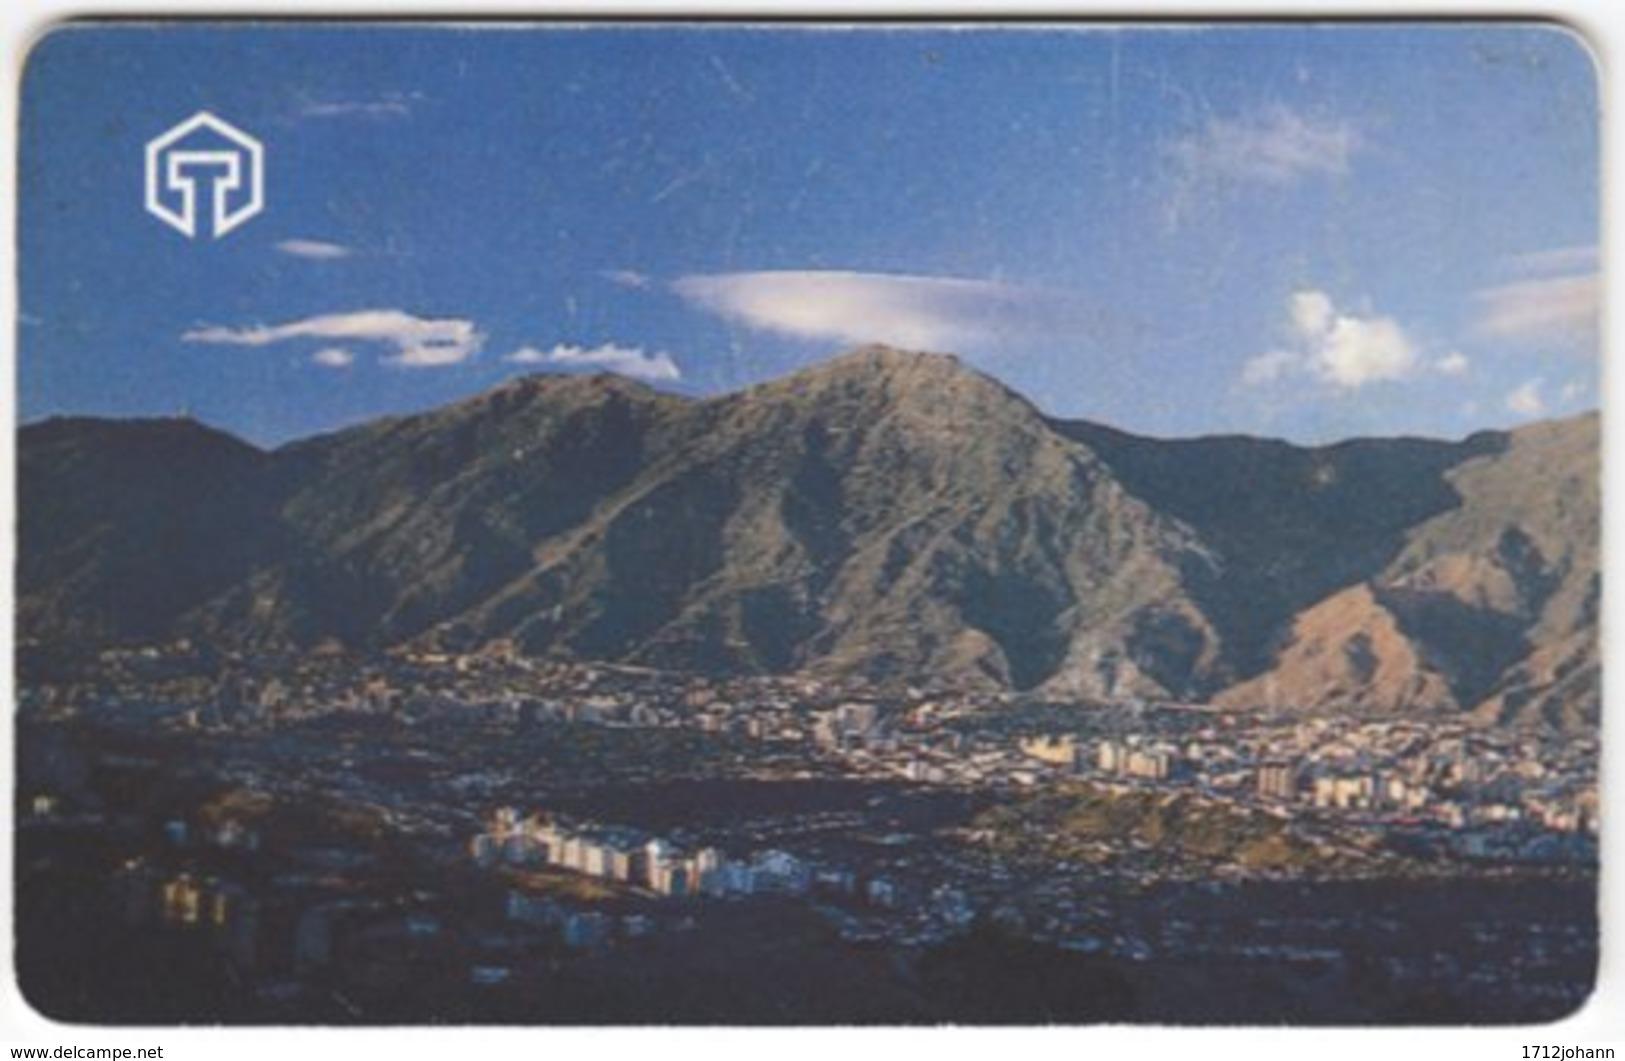 VENEZUELA A-380 Chip CanTV - View, Town, Landscape, Mountains - Used - Venezuela